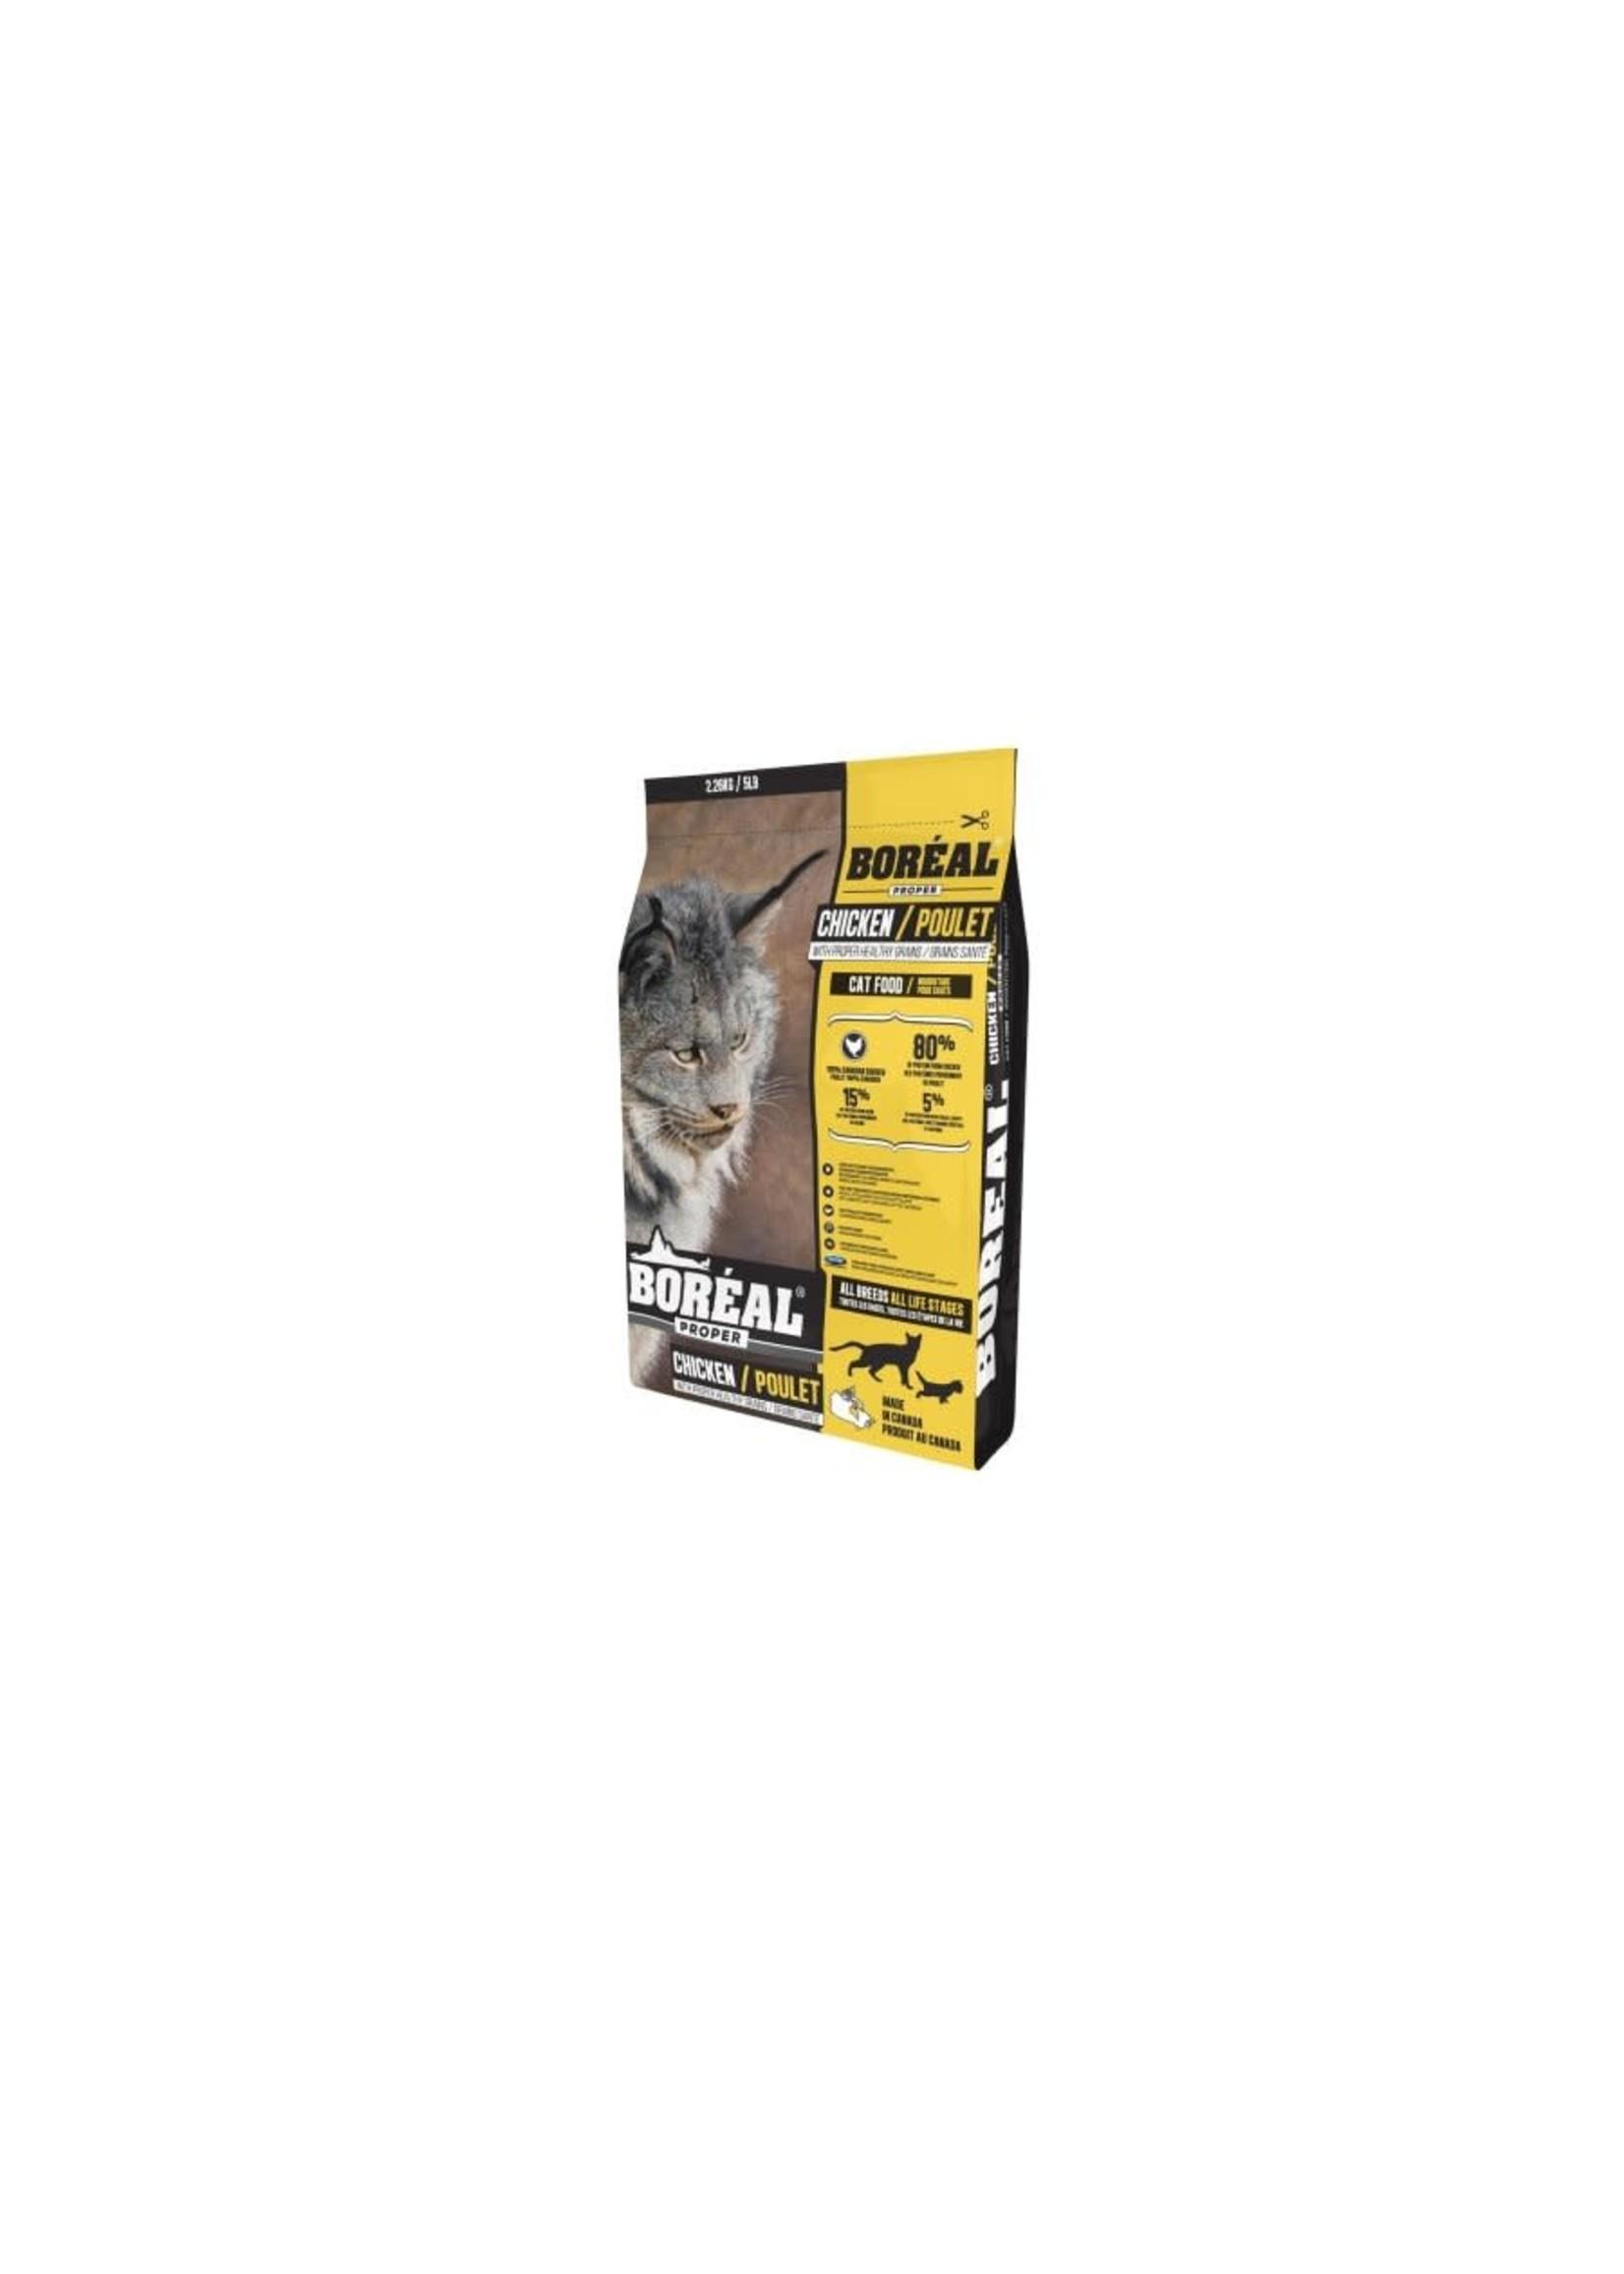 Boréal Boréal proper chat grains santé poulet 2.26kg